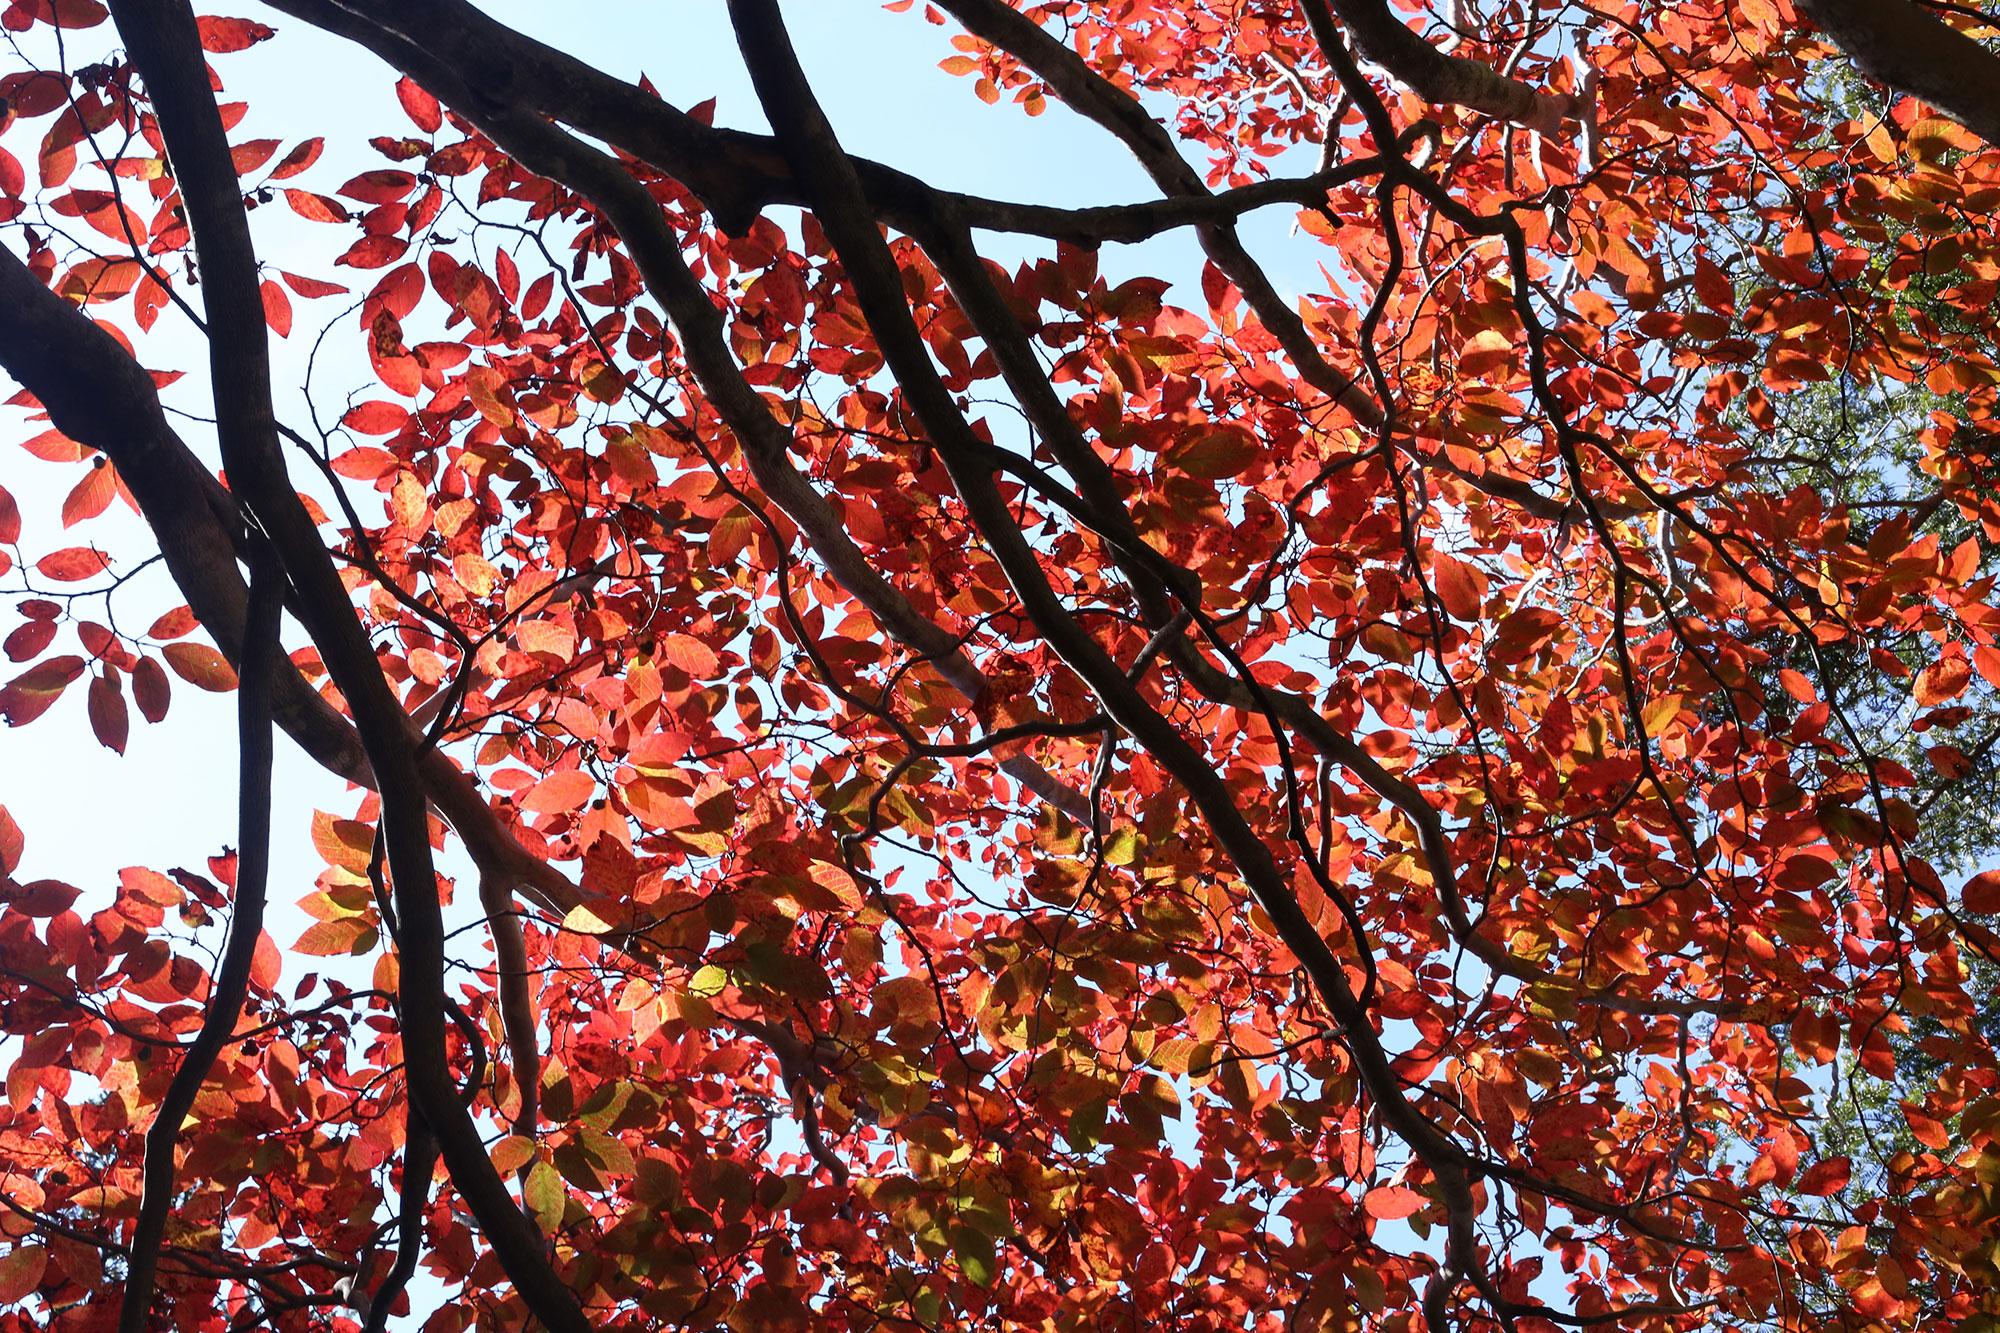 石堂山で見かけた紅葉